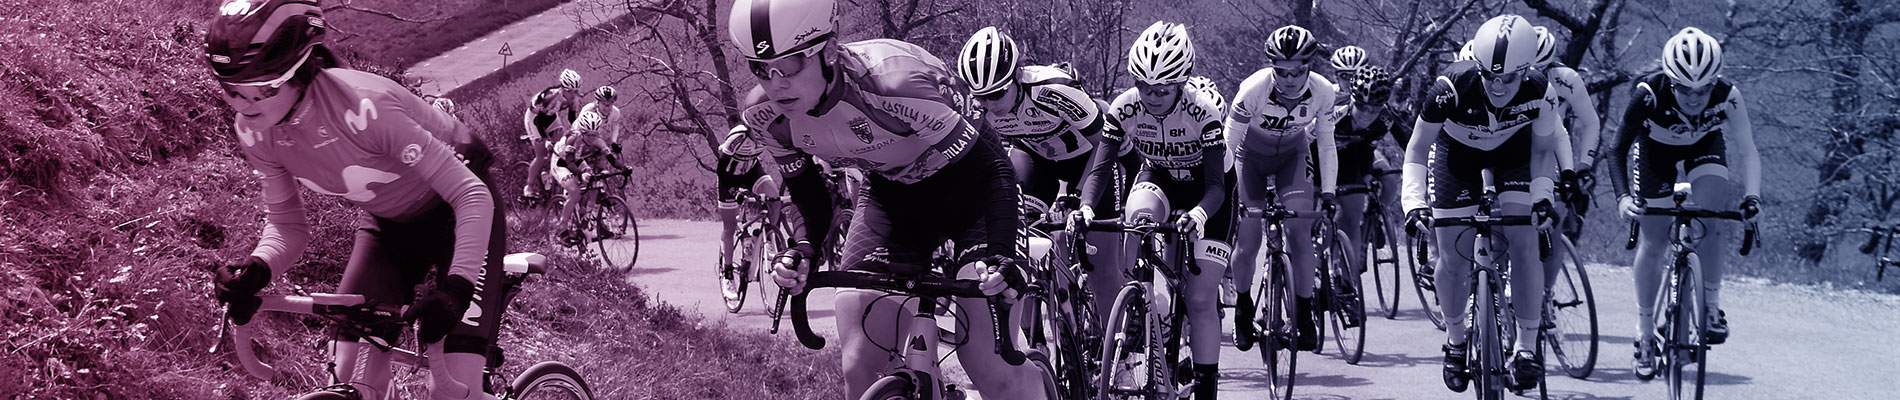 Ciclistas subiendo colina